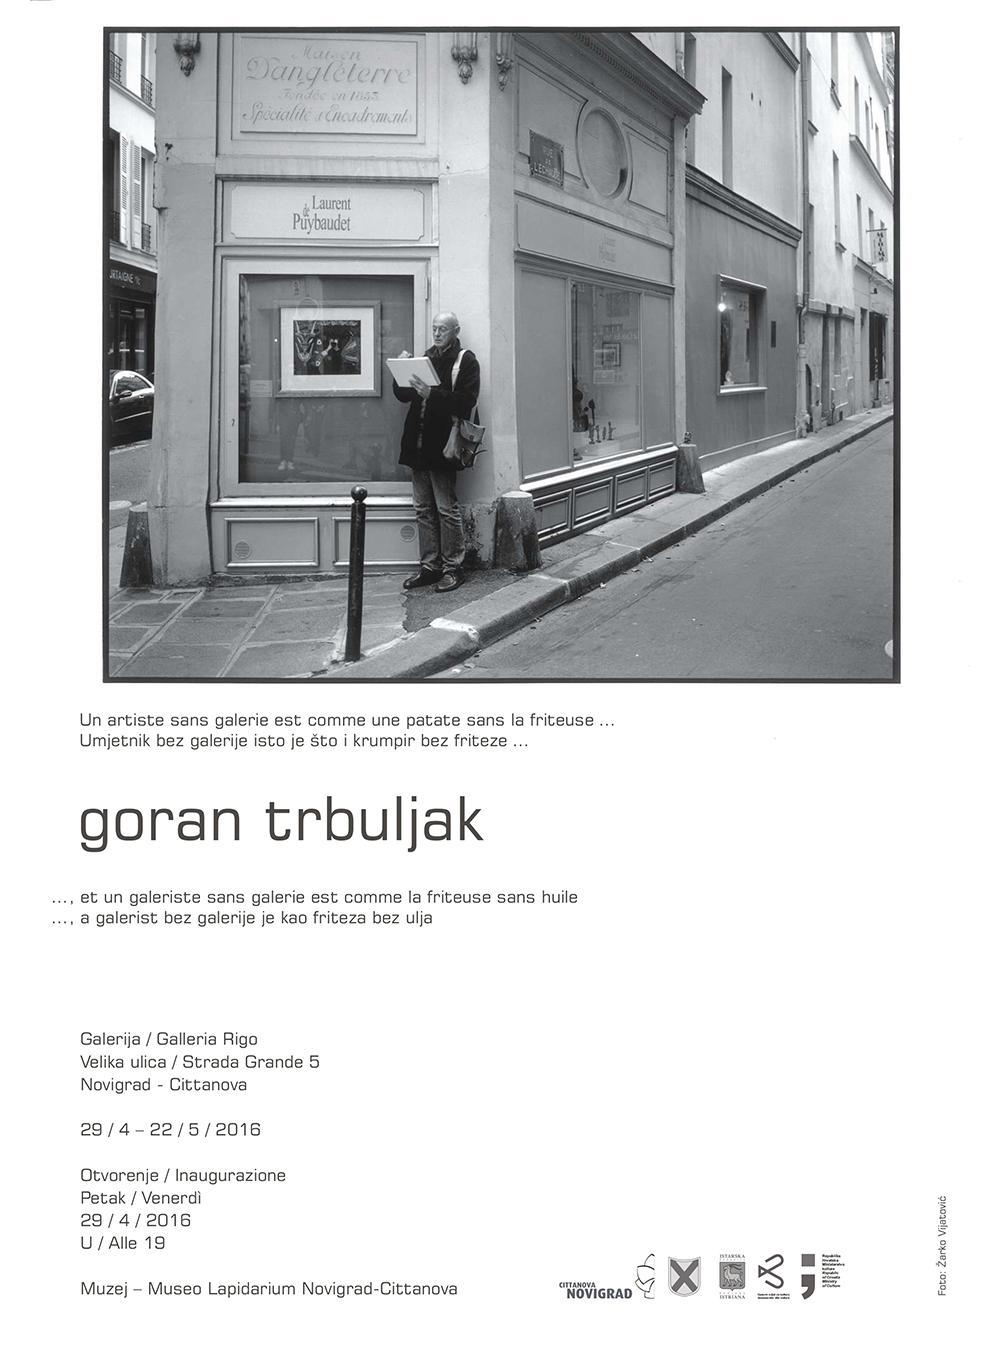 http://www.novigrad.hr/otvorenje_izlozhbe_gorana_trbuljaka